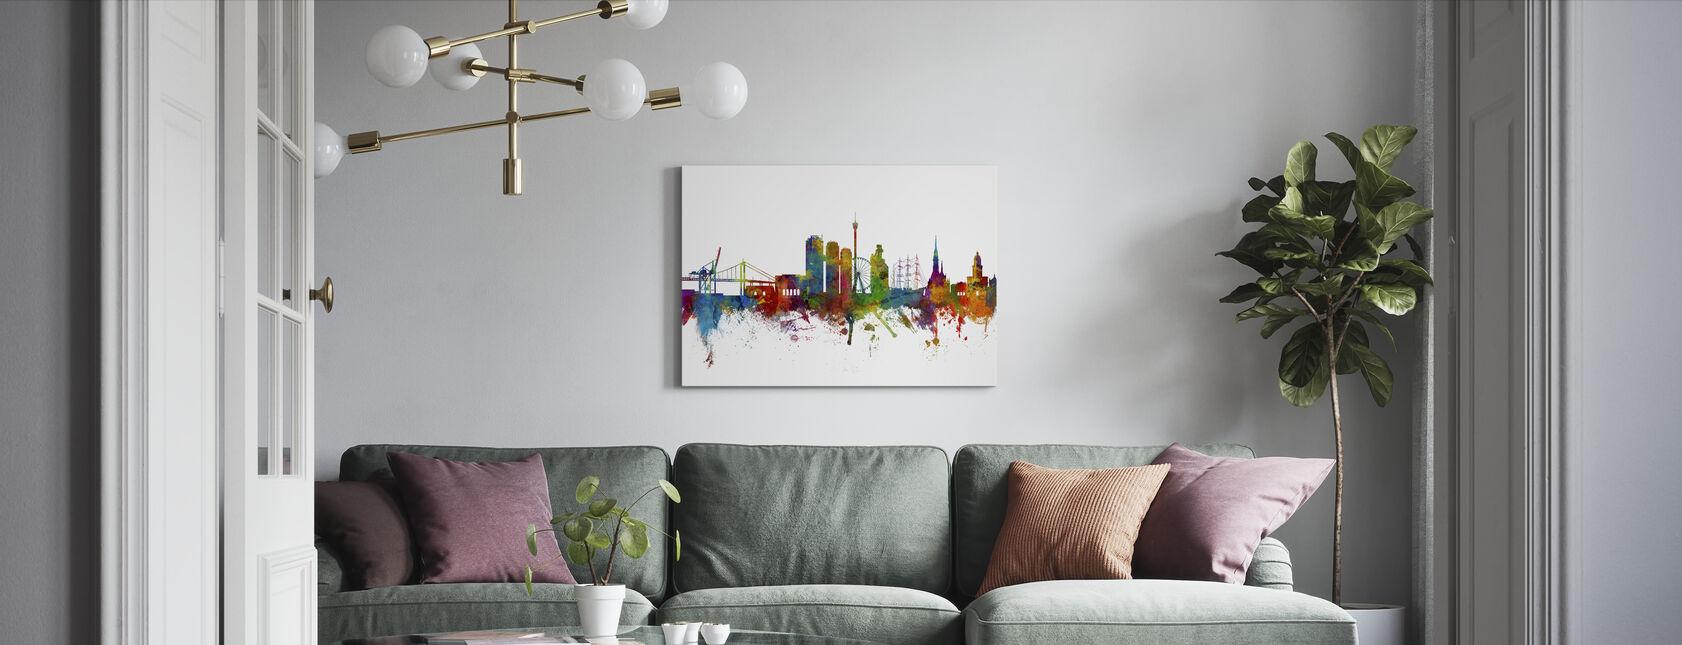 Göteborg Skyline - Canvastavla - Vardagsrum